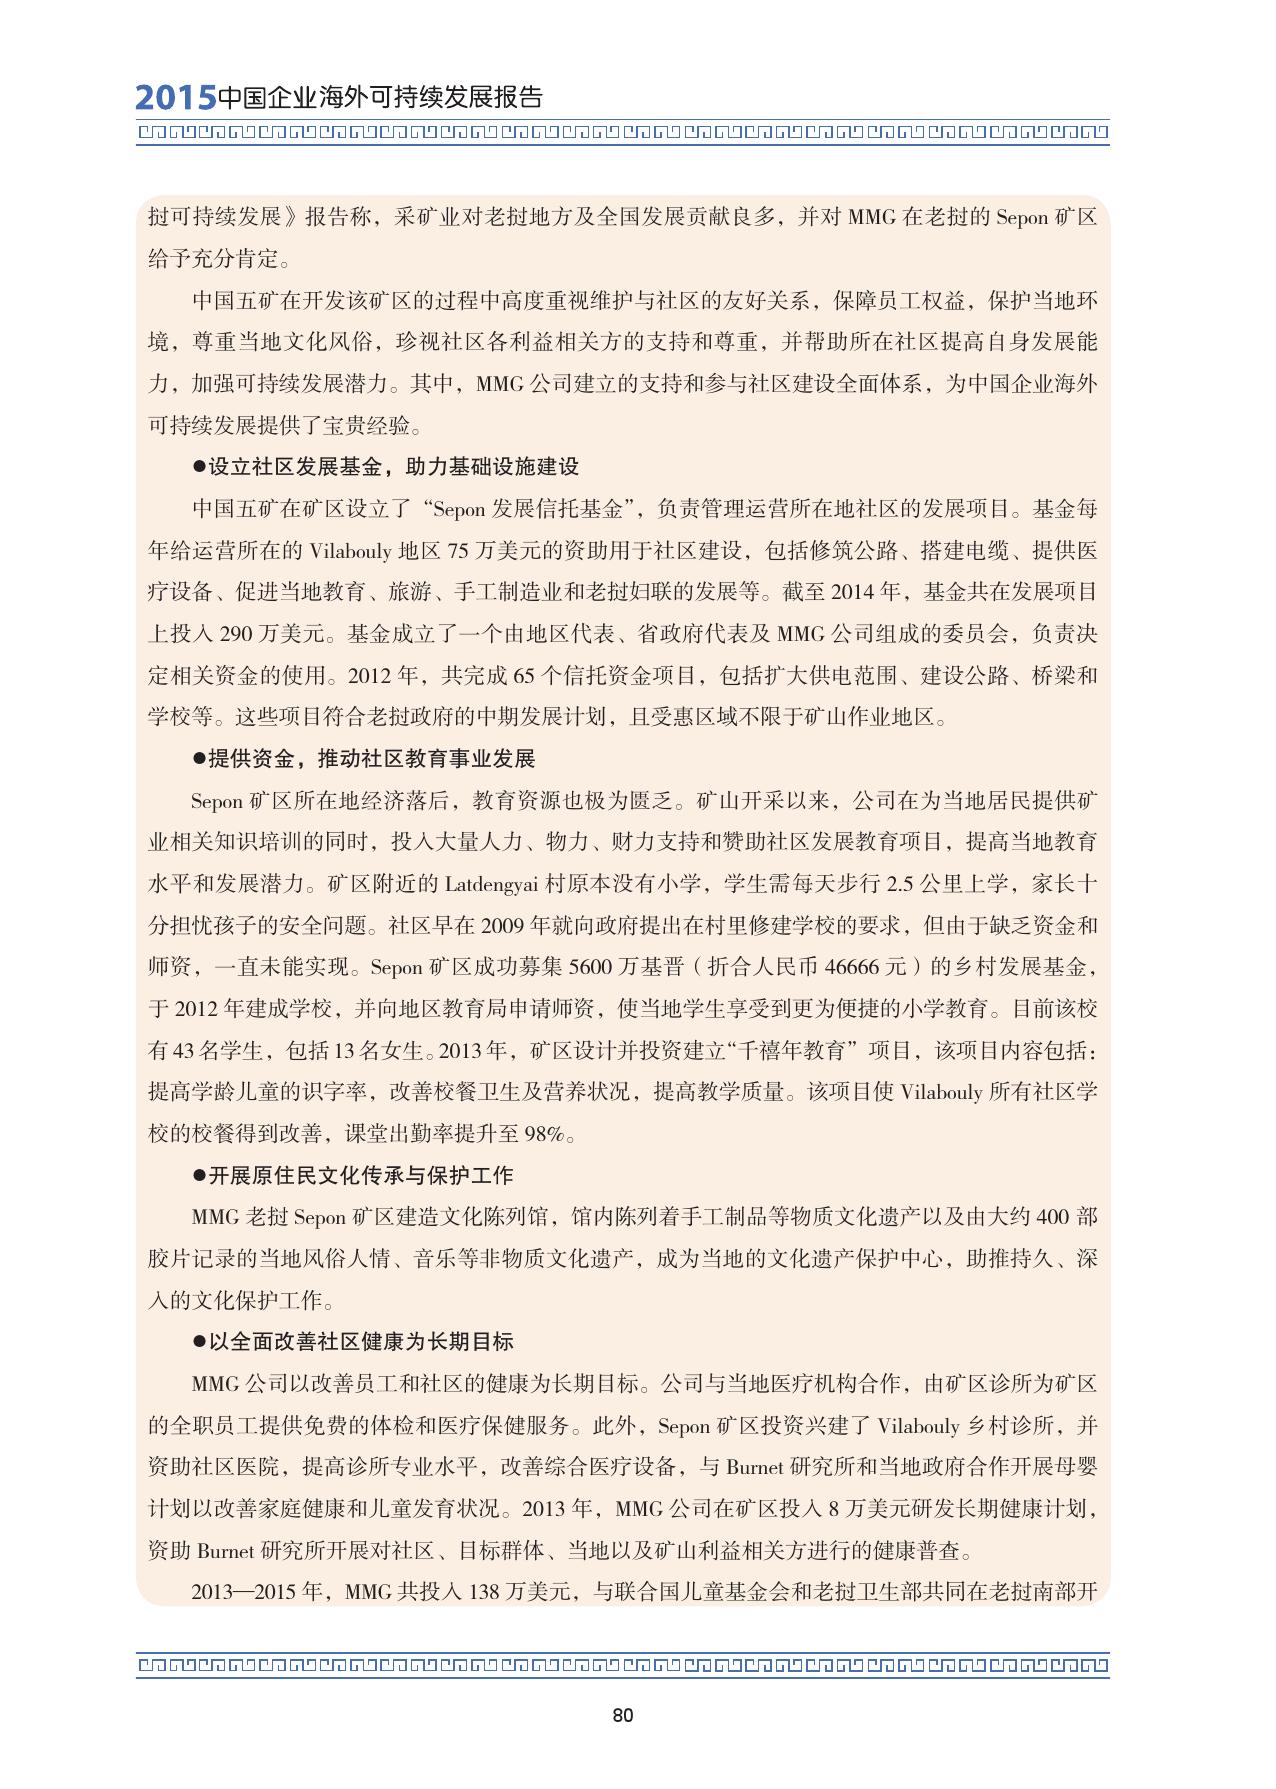 2015中国企业海外可持续发展报告_000094